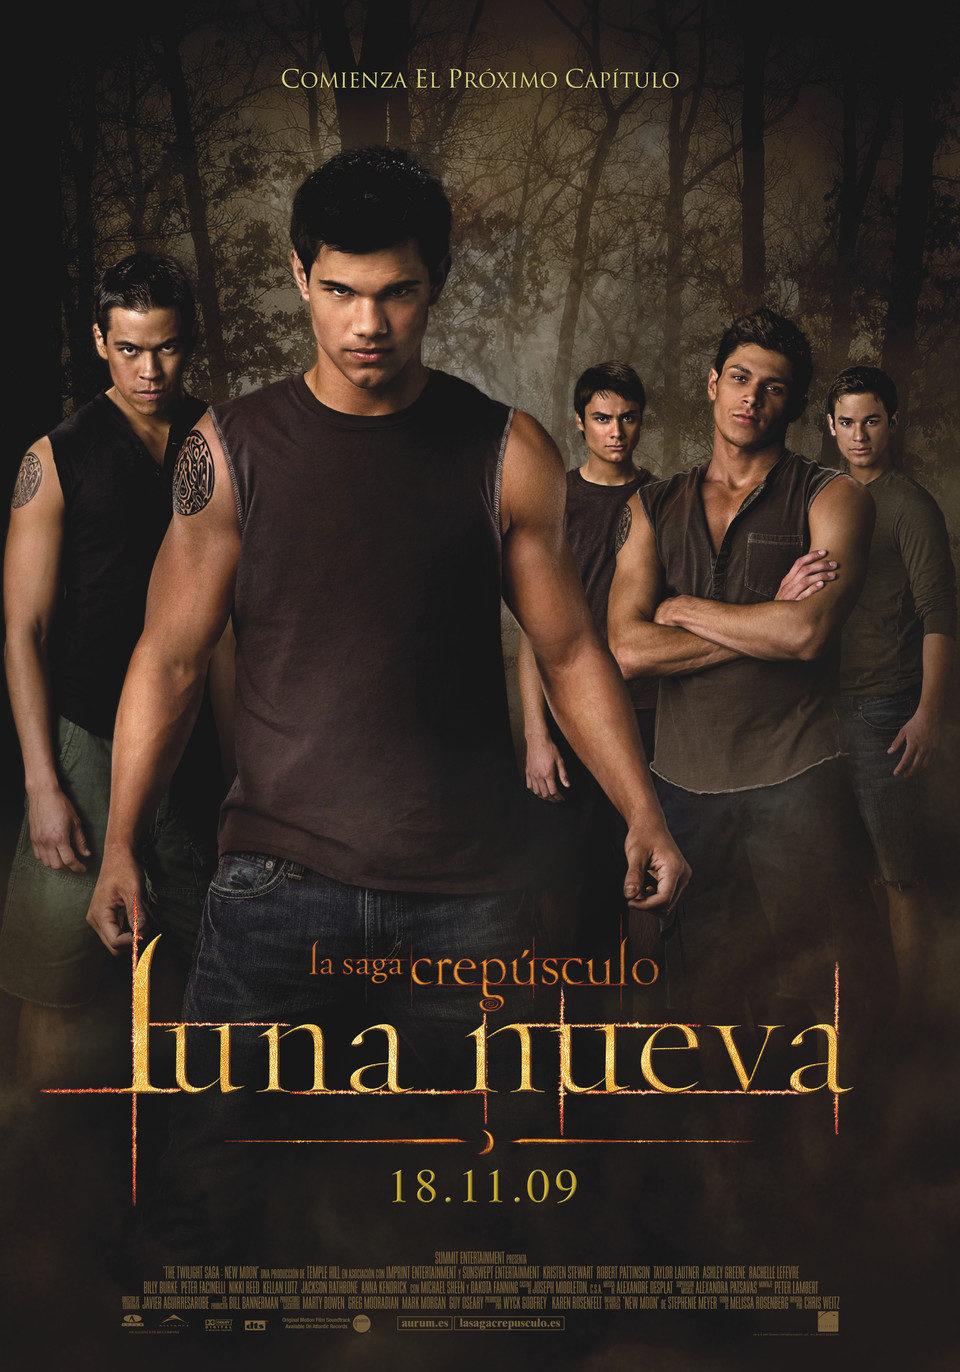 Cartel España - Lobos de 'Luna nueva'